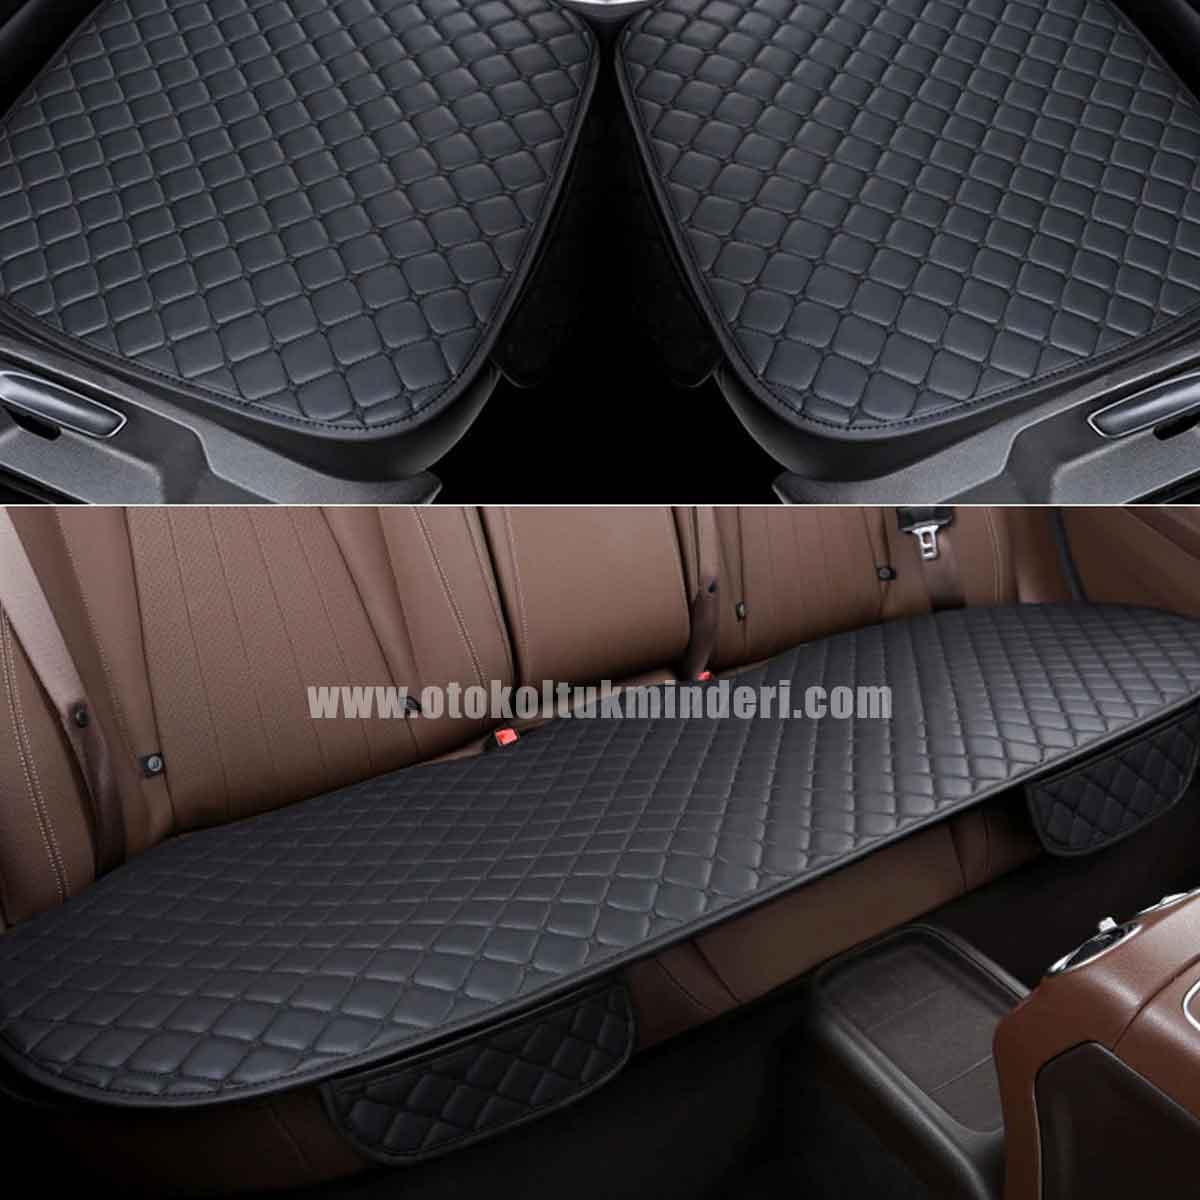 Bmw koltuk kılıfı deri - Bmw Koltuk minderi Siyah Deri Cepli